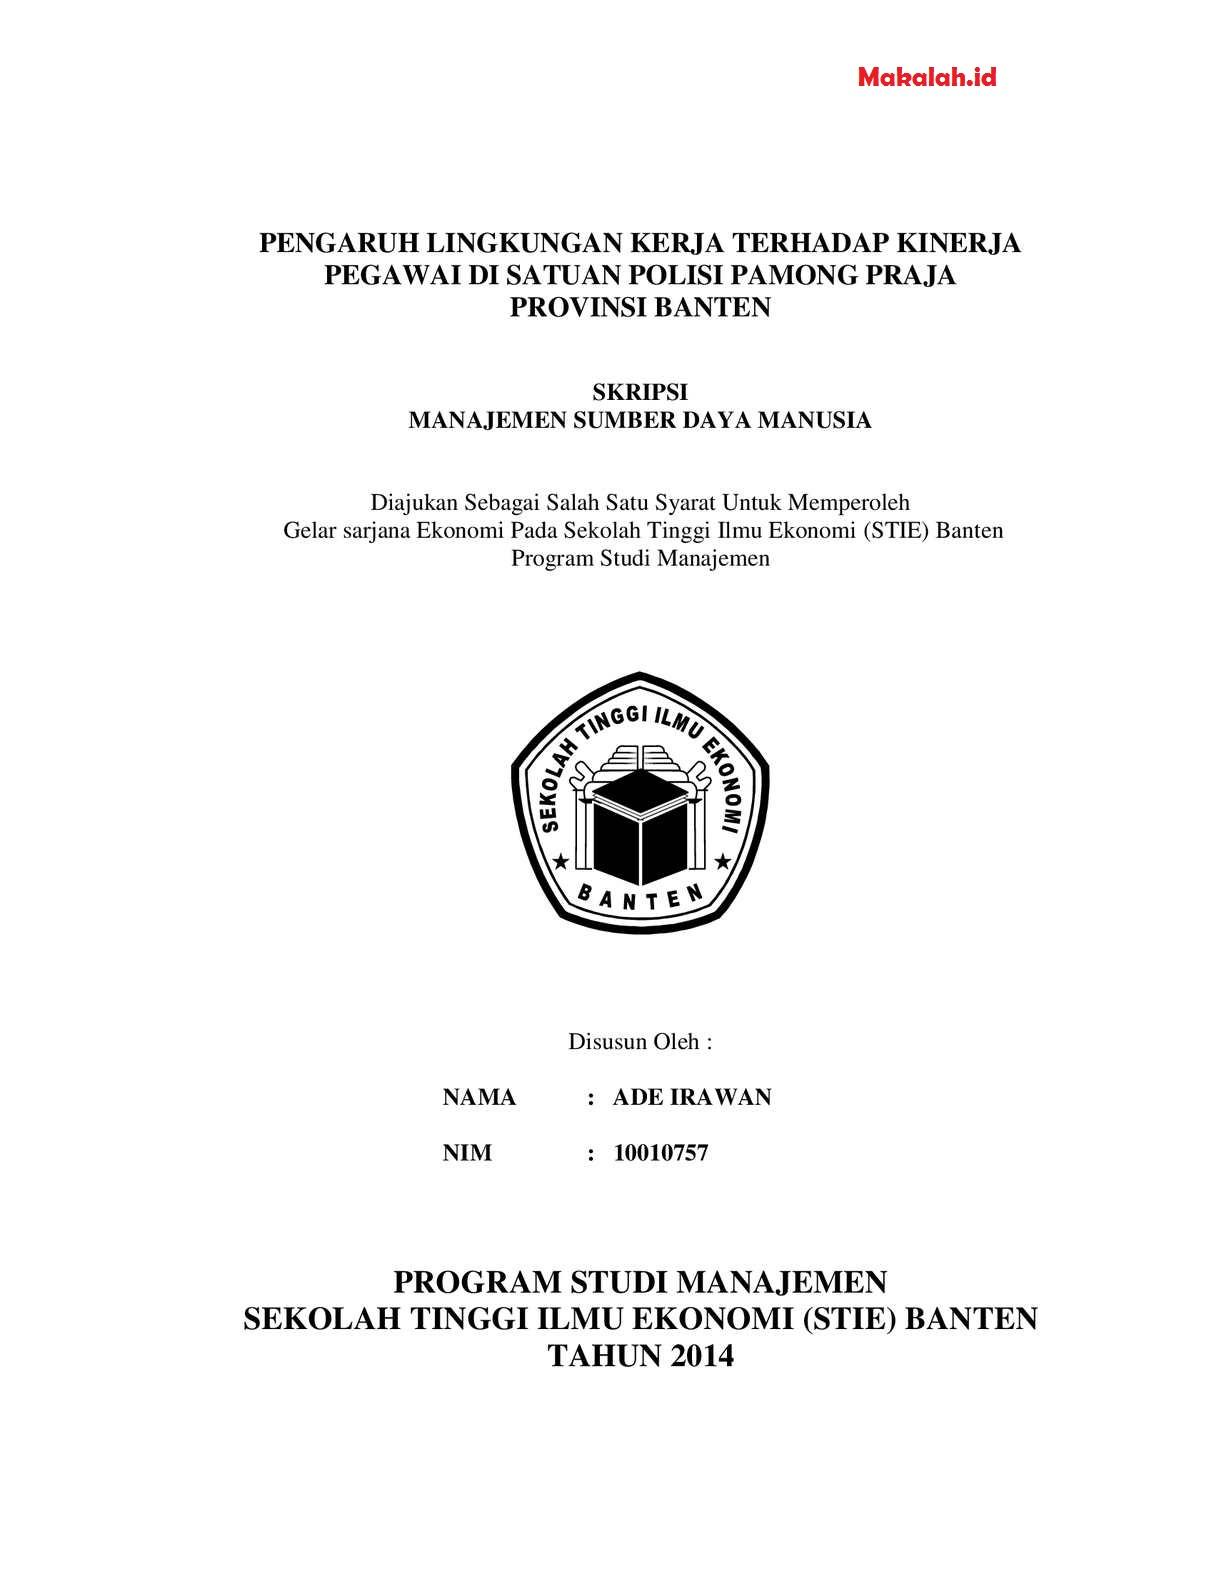 Topik Skripsi Manajemen Keuangan : topik, skripsi, manajemen, keuangan, Skripsi, Manajemen, Keuangan, Pejuang